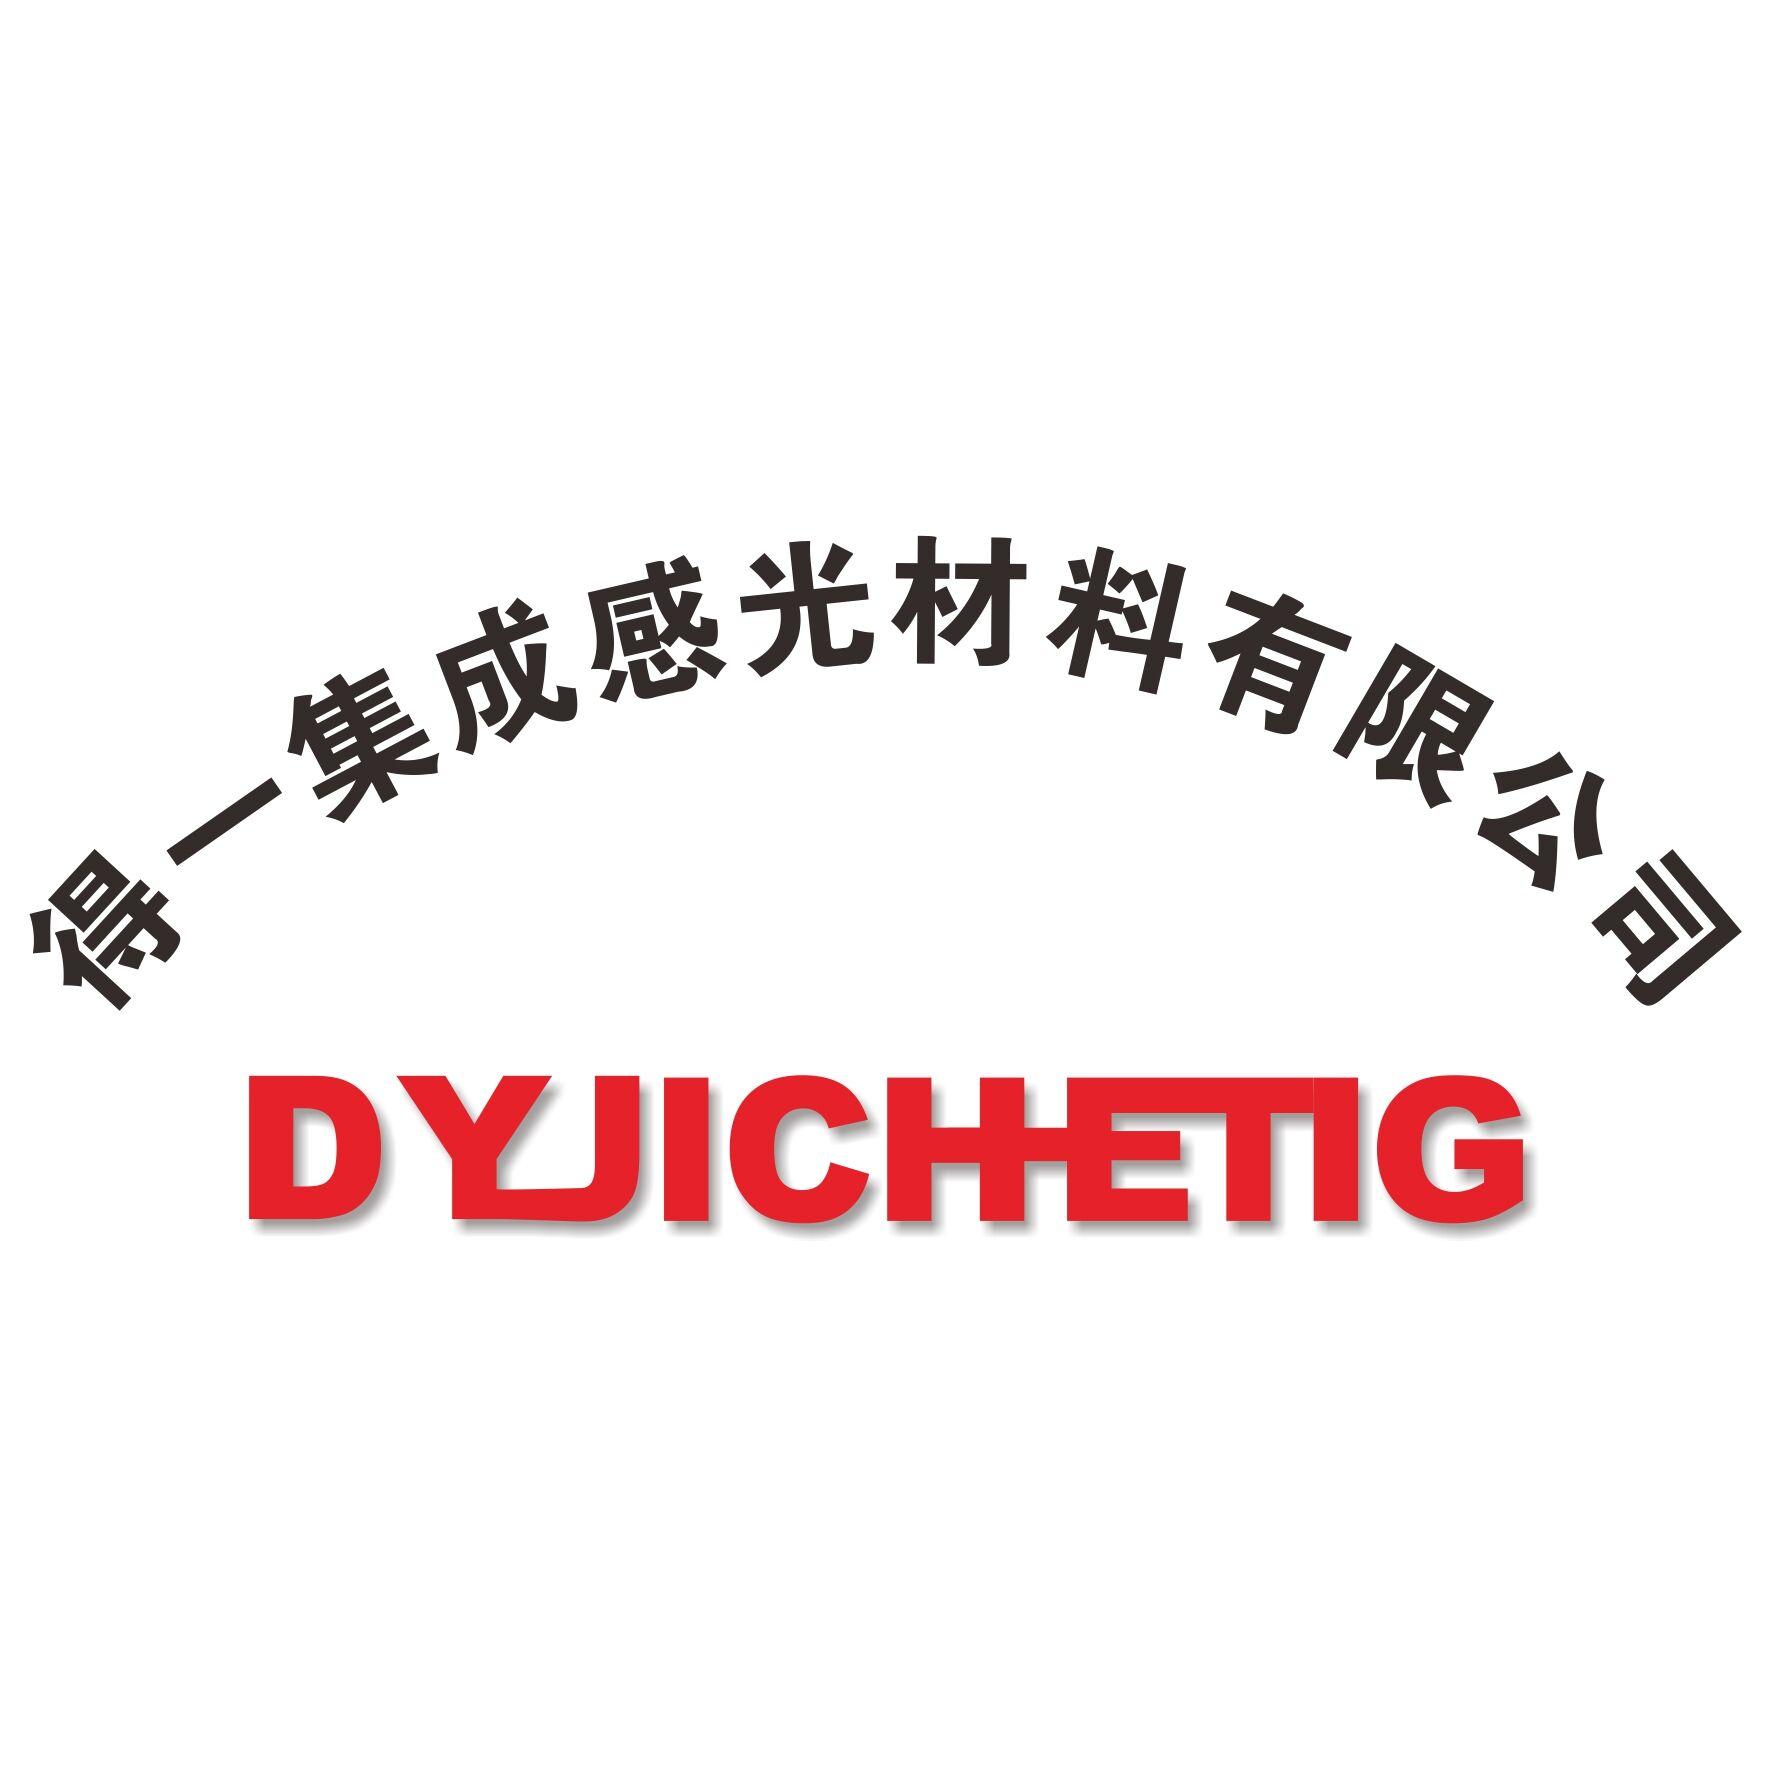 广州得一集成感光材料有限公司